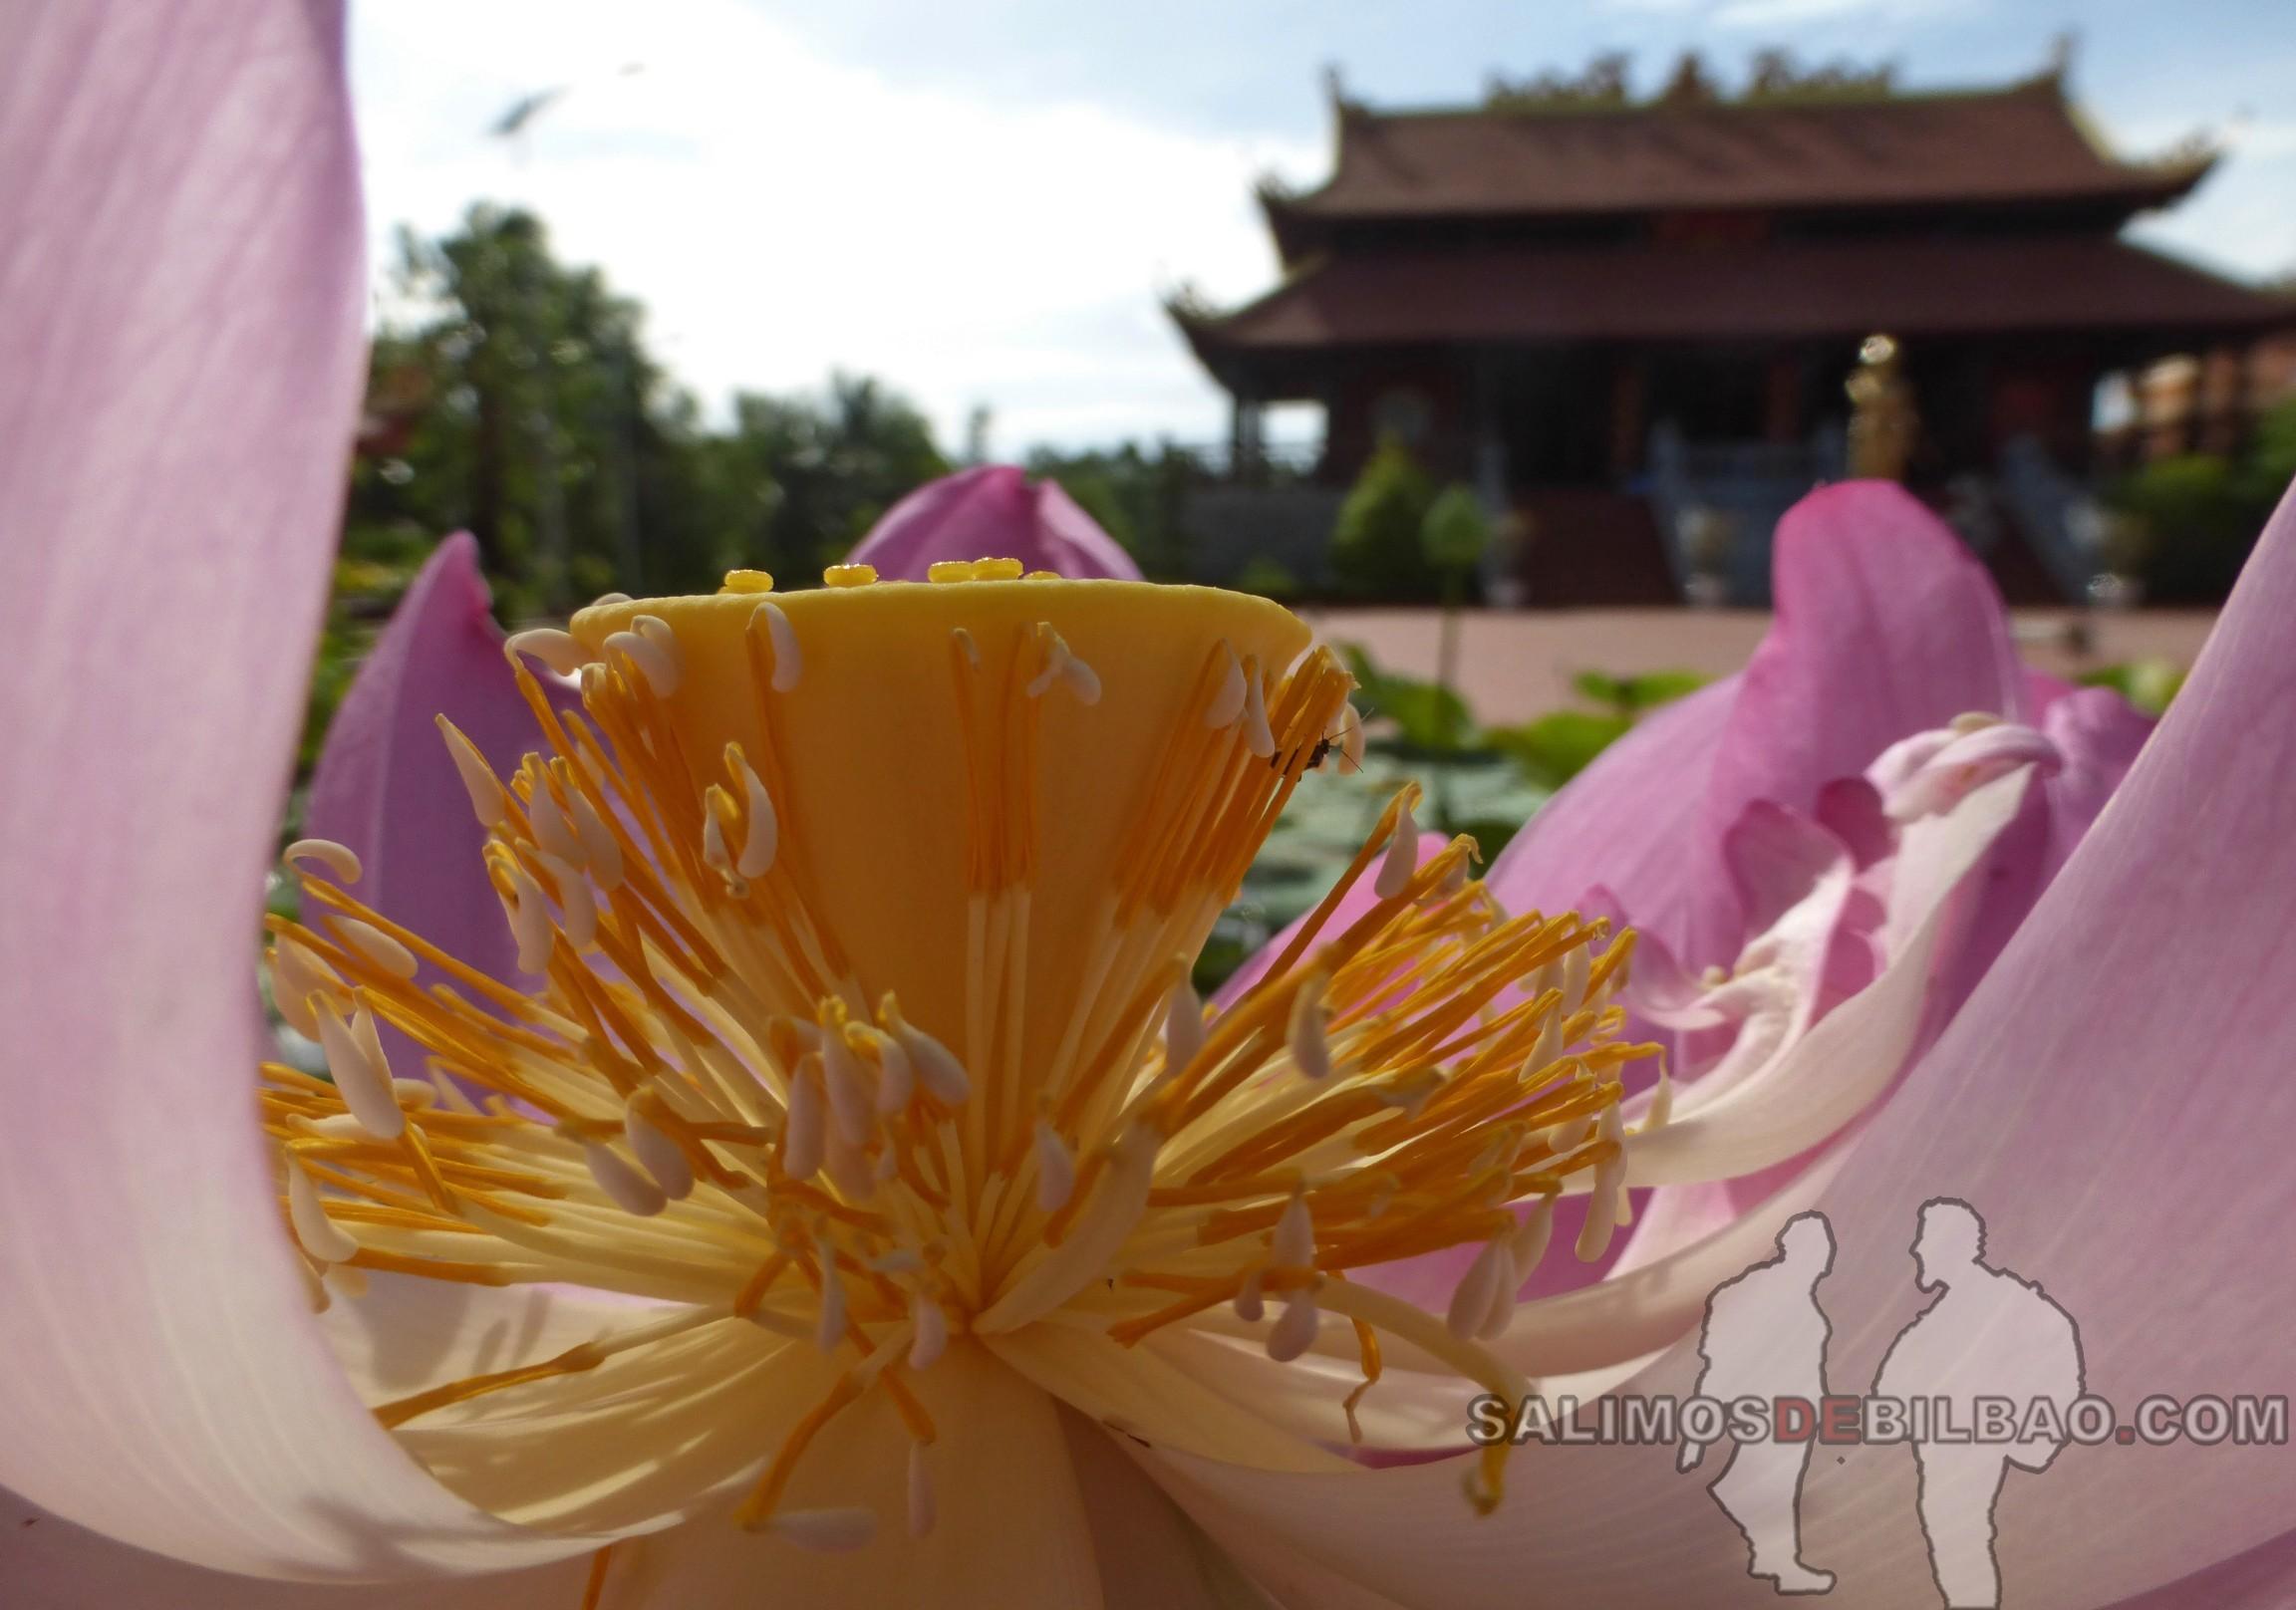 0138. Flor de loto, Pagoda Dinh Nguyen Trung Truc, Noreste de Phu Quoc